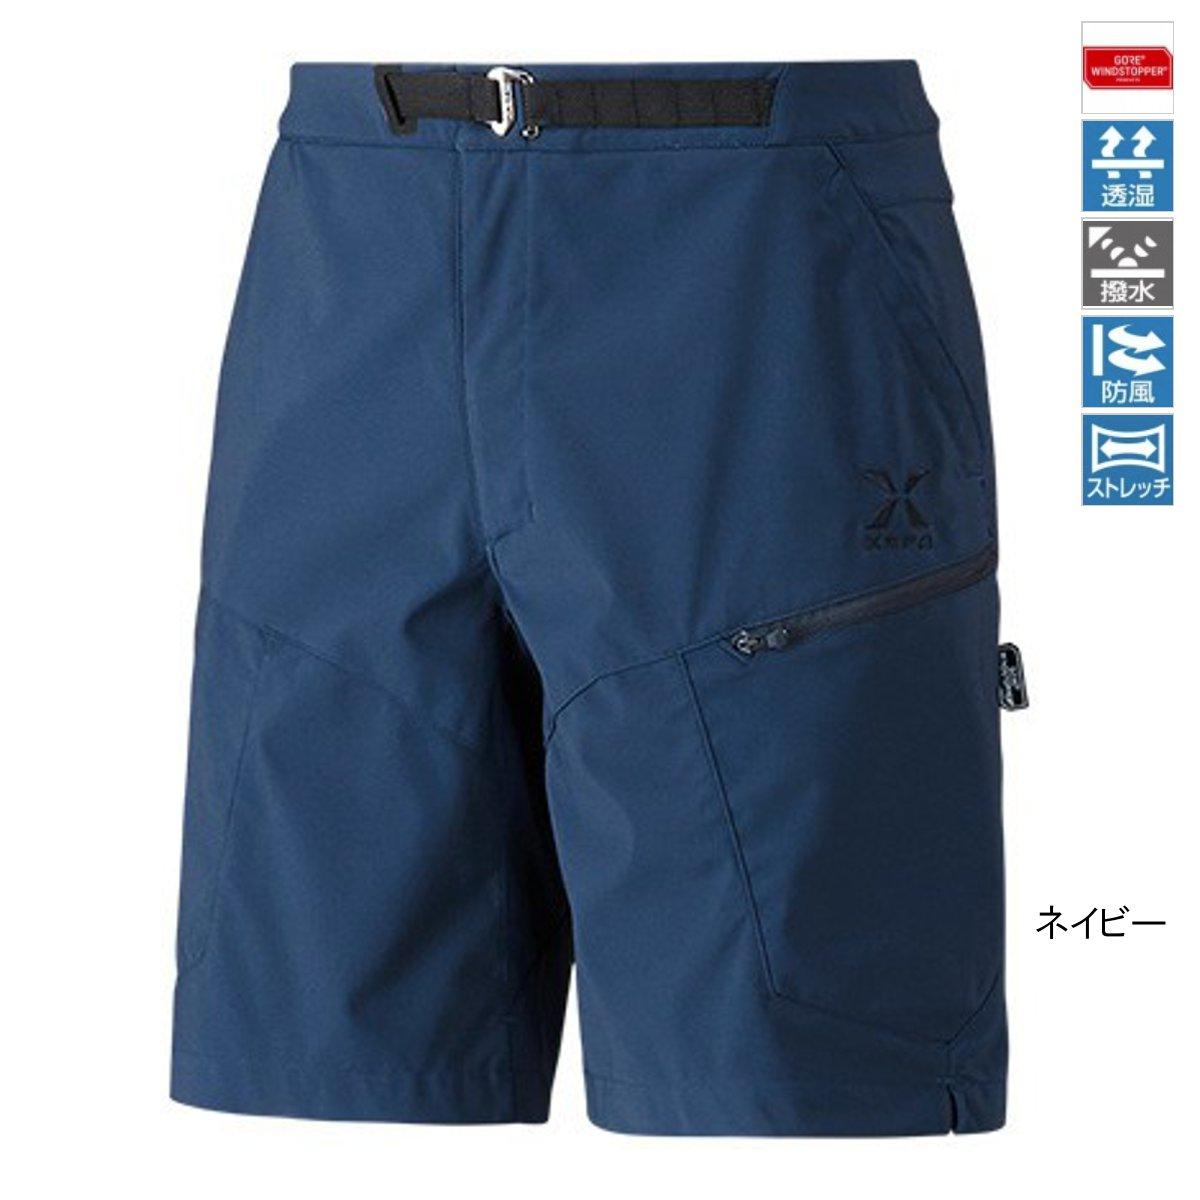 シマノ XEFO GORE WINDSTOPPER ショーツ PA-242R 2XL ネイビー【送料無料】